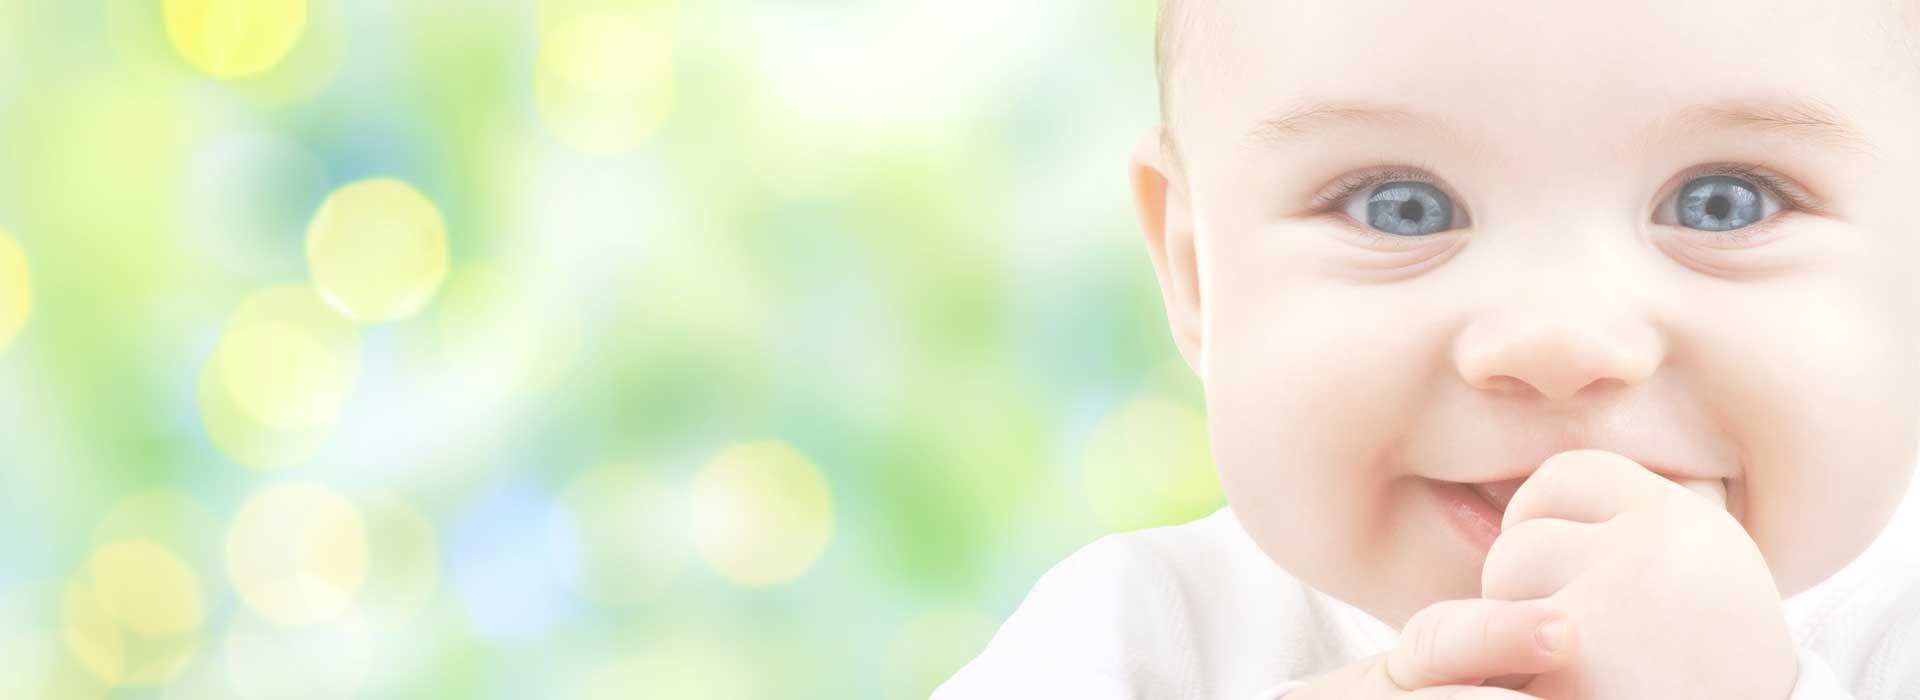 Surrogatmamma och Äggdonation för ofrivilligt barnlösa